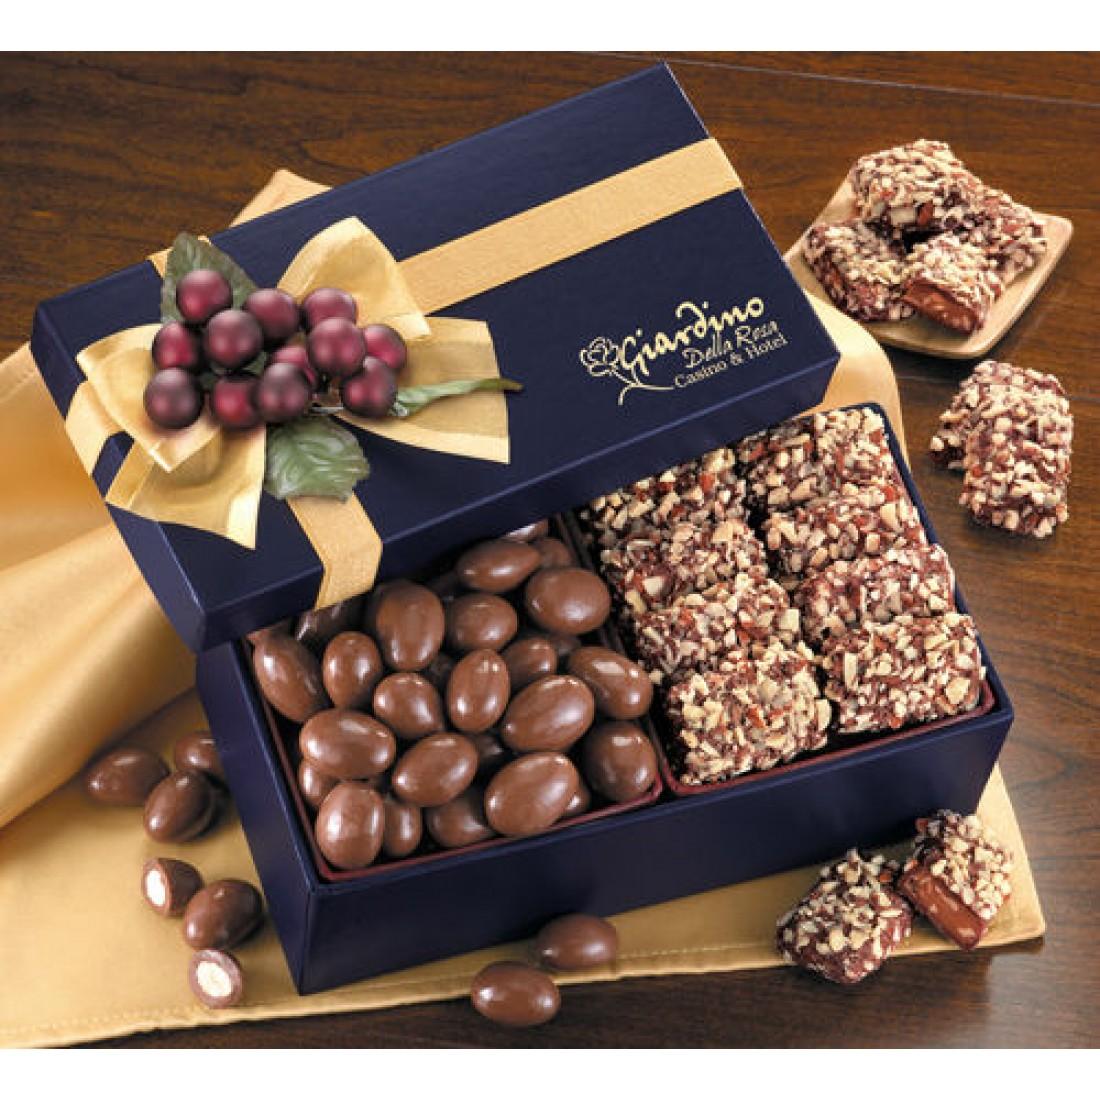 Шоколадки в подарок фото